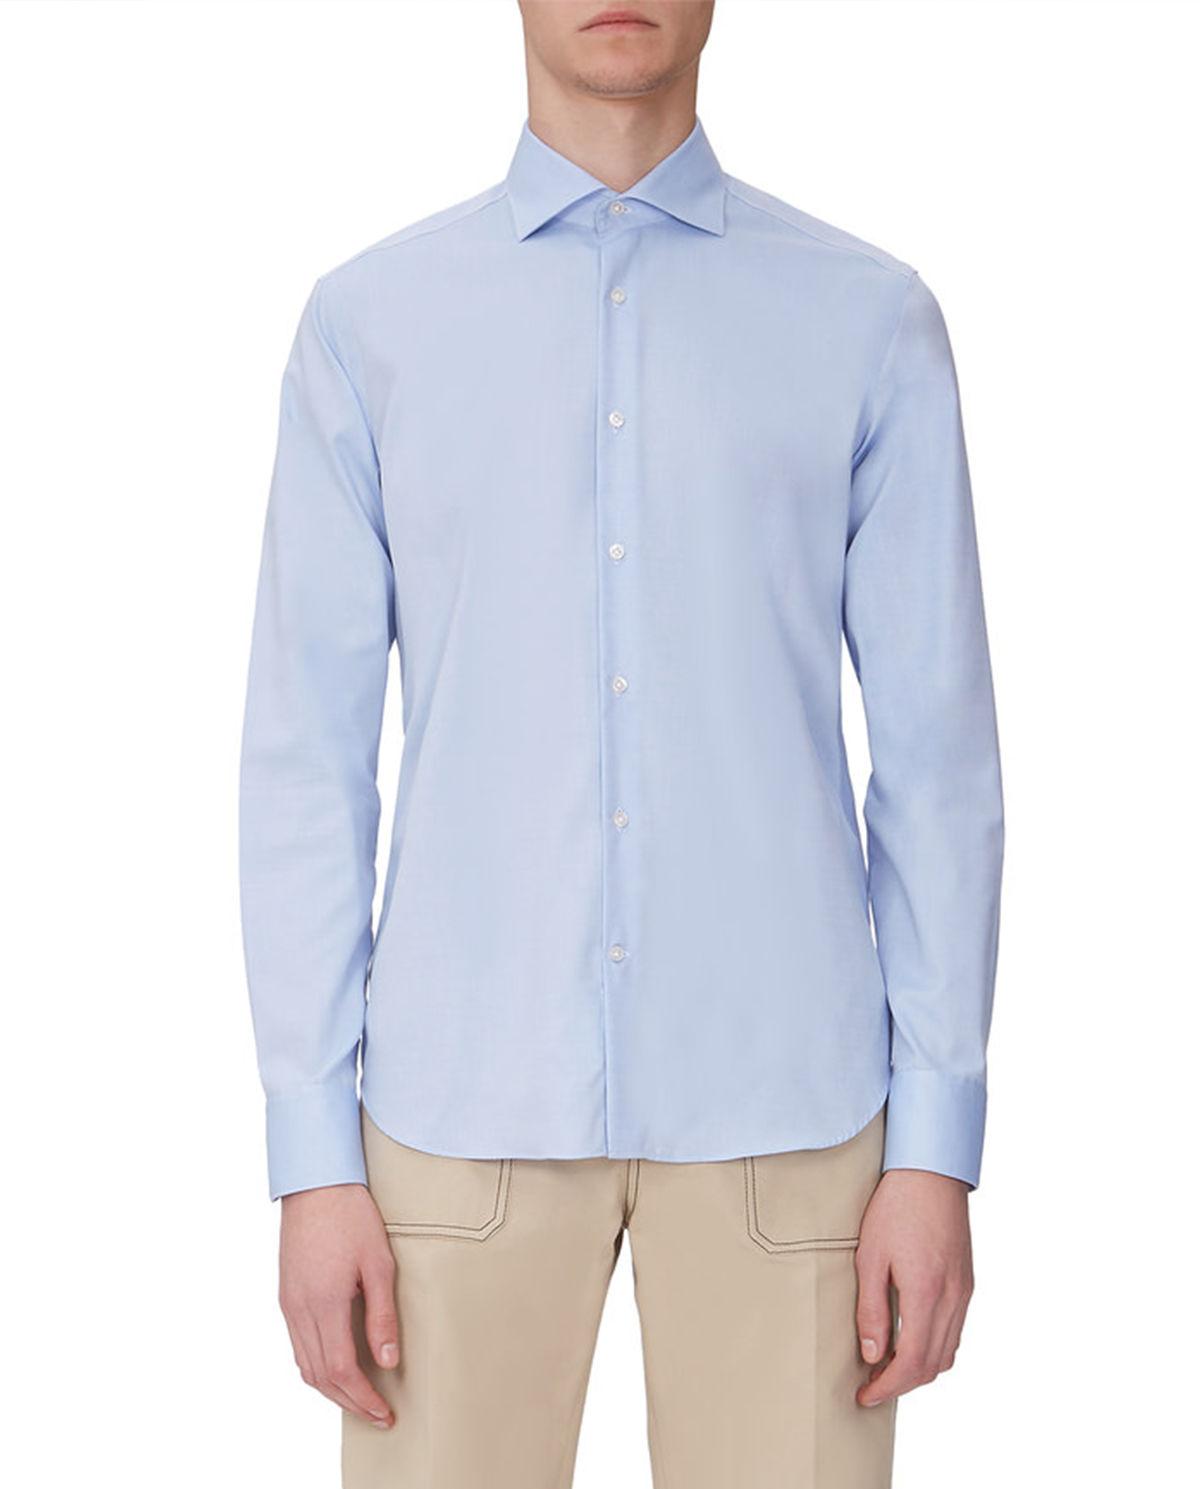 Koszula Błękitna Fay Kup Teraz Najlepsze Ceny I Opinie